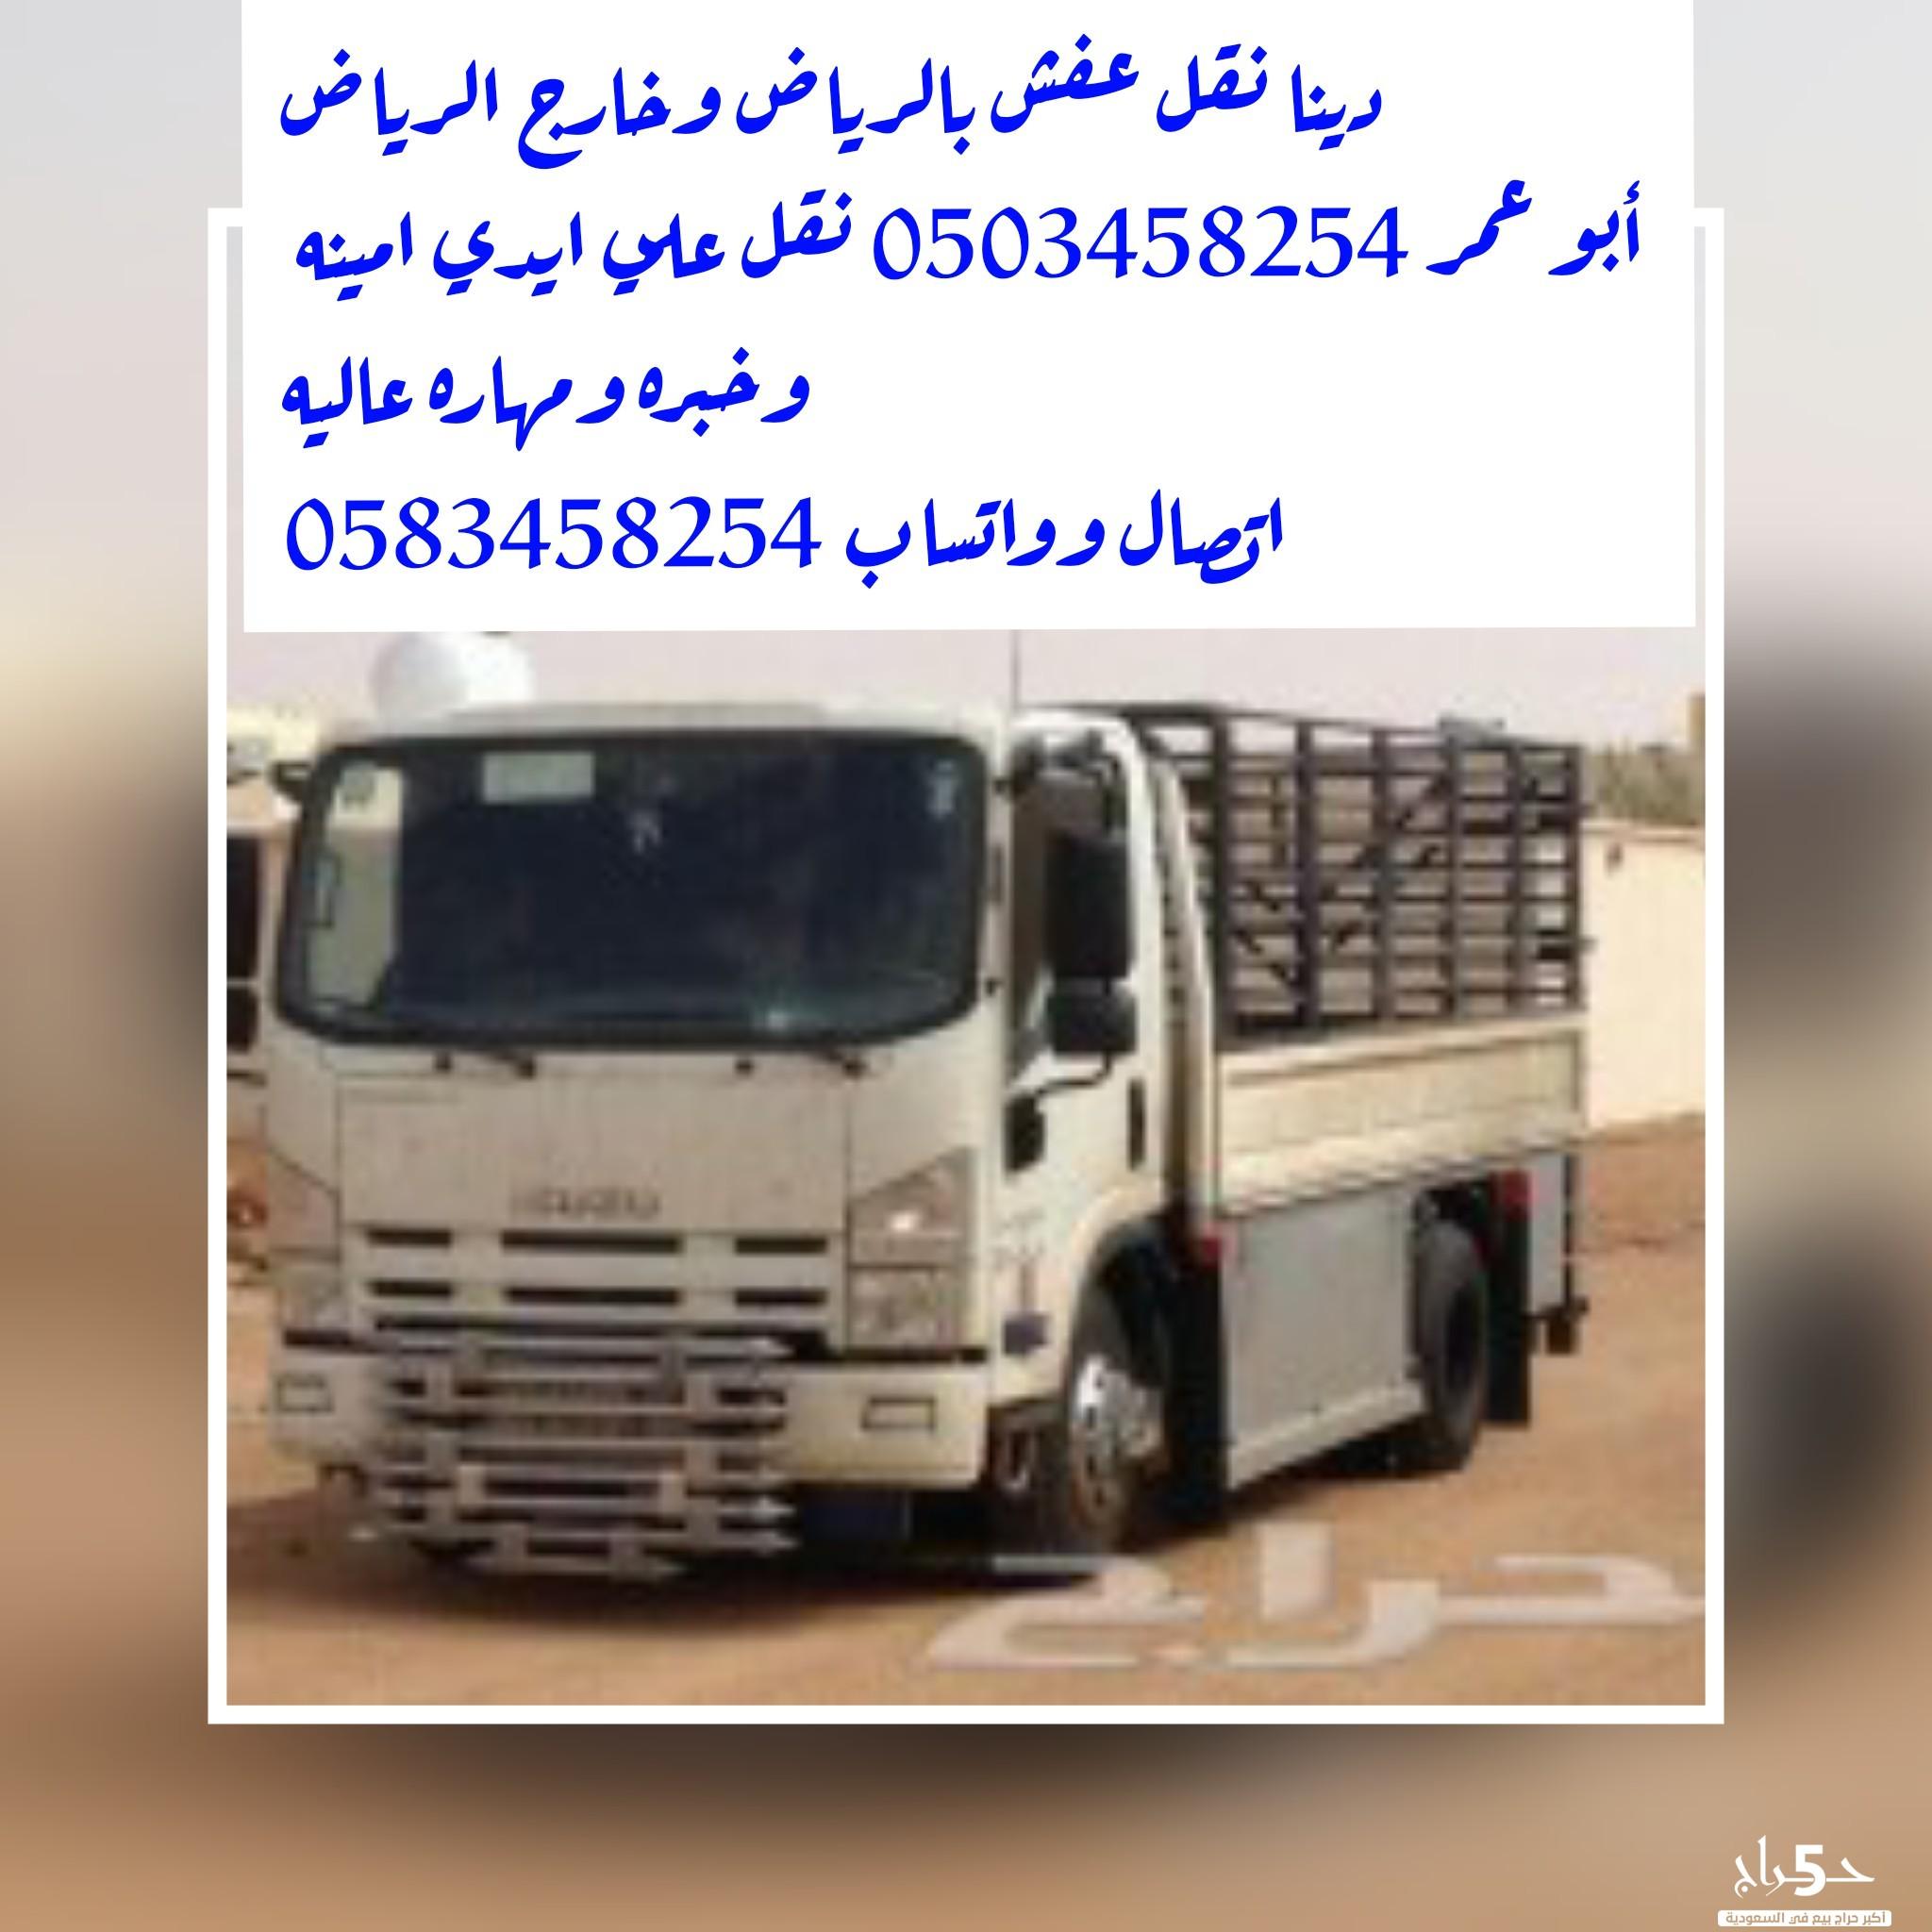 نقل عفش حي النسيم0503458254 ابو عمر